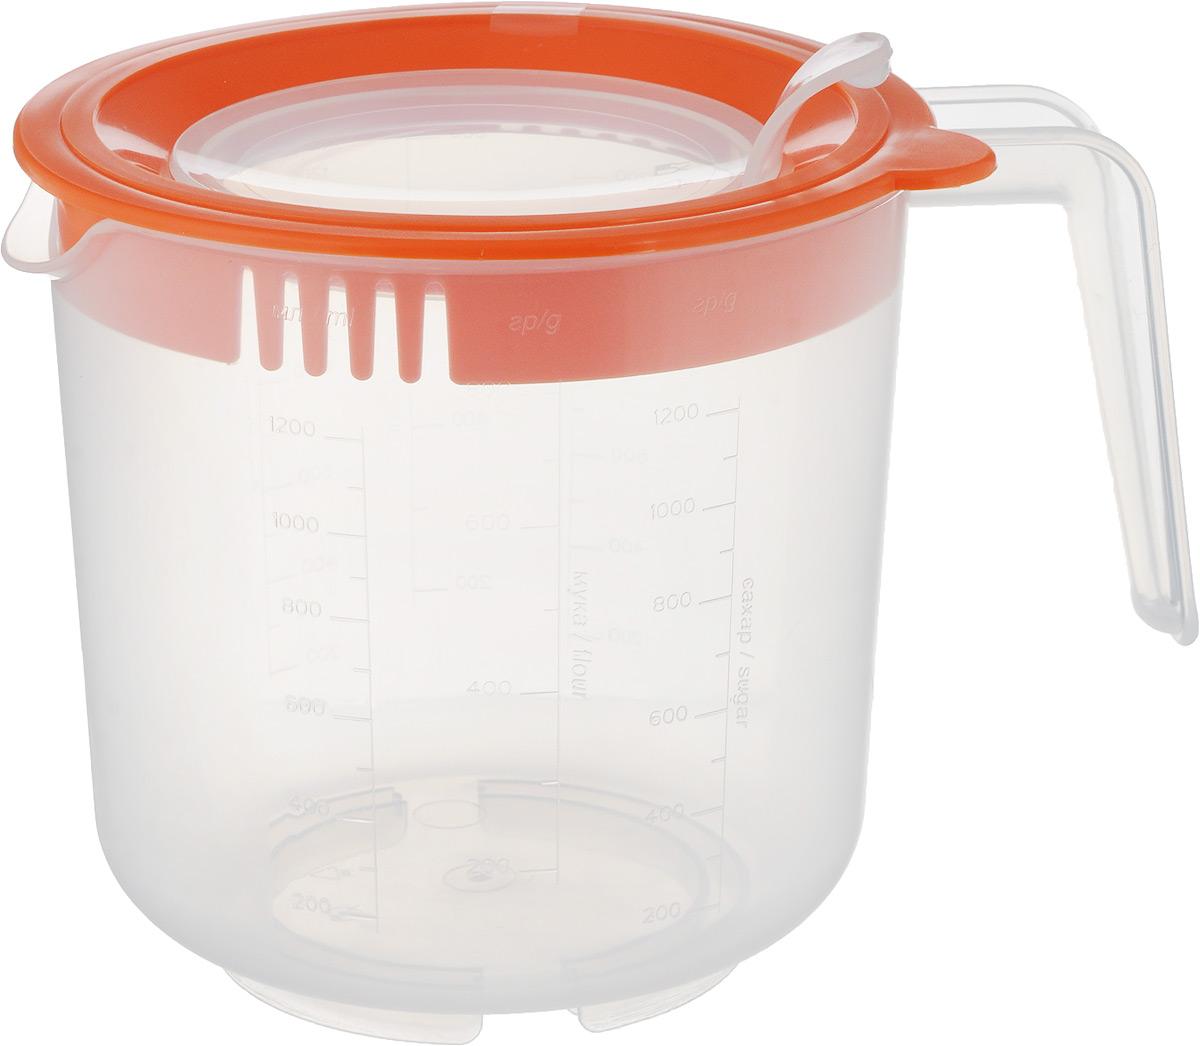 Емкость мерная для взбивания Oursson, цвет: прозрачный, оранжевый, 1,5 лJA1500P/ORМерная емкость Oursson изготовлена из высококачественного плотного пластика и является многофункциональным кухоннымприспособлением. С ее помощью можно не только измерять объем помещаемых в нее жидкостей, но и смешивать их, а так же долго сохранятьприготовленные соки, пюре, коктейли. Жесткое основание придает емкости дополнительную устойчивость. В емкости можно перемешивать ивзбивать продукты при помощи погружного блендера или миксера. При этом бортики защищают от брызг пространство вокруг емкости. Широкоегорлышко позволят без труда вымыть изделие.Можно мыть в посудомоечной машине.Диаметр емкости по верхнему краю (без учета носика и ручки): 14 см.Диаметр отверстия в крышке: 9 см.Высота емкости (с учетом крышки): 14 см.Объем: 1,5 л.